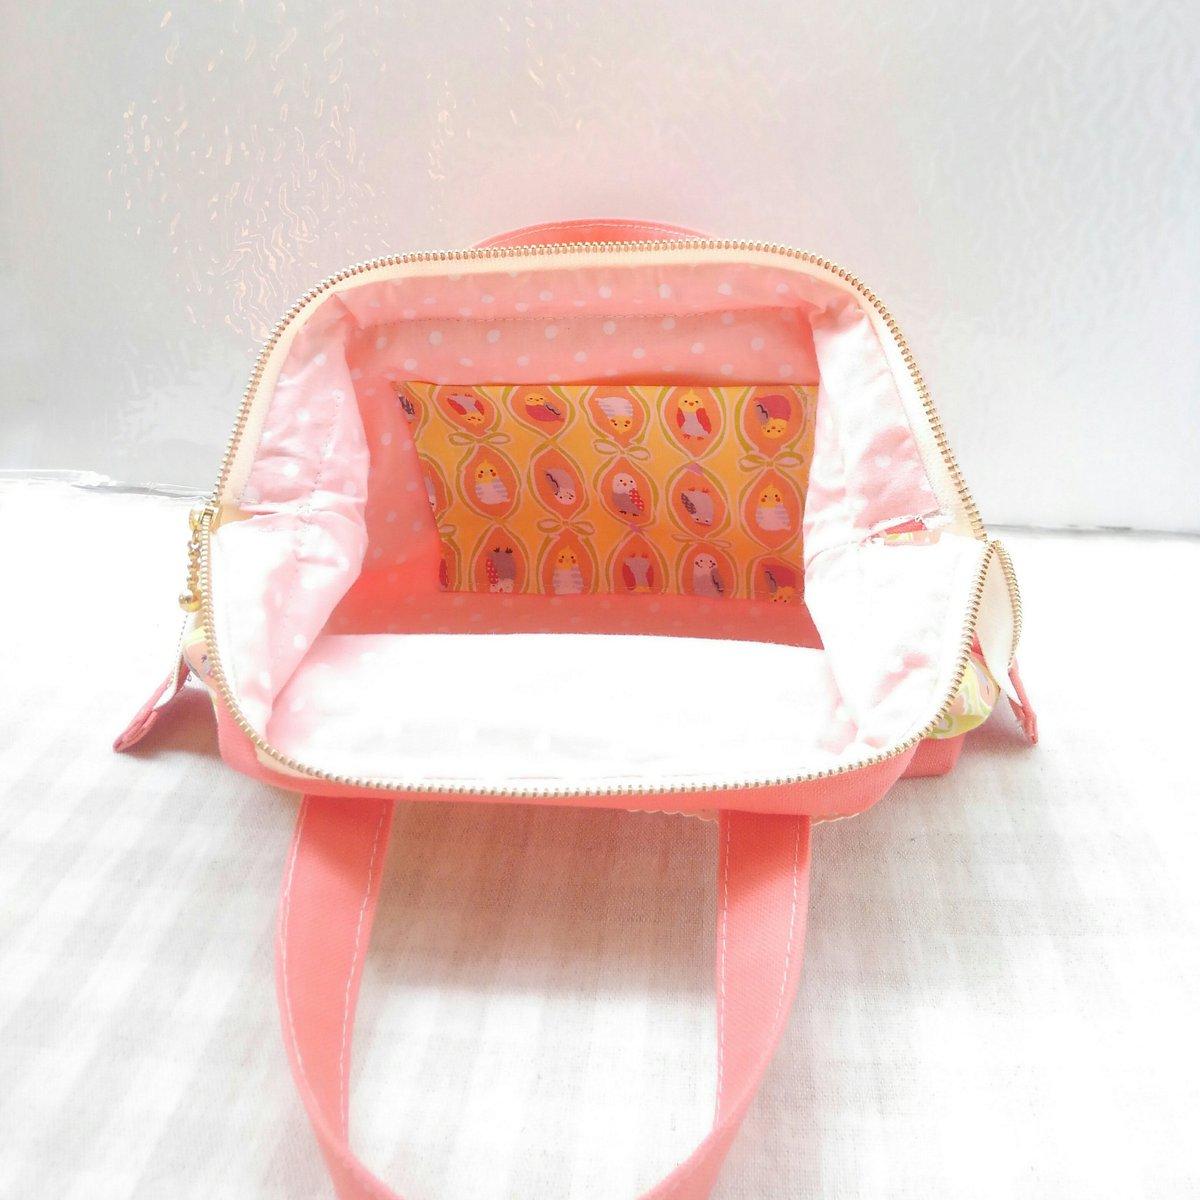 内布はピンクのドット柄に、表の柄共布のポケットつき。